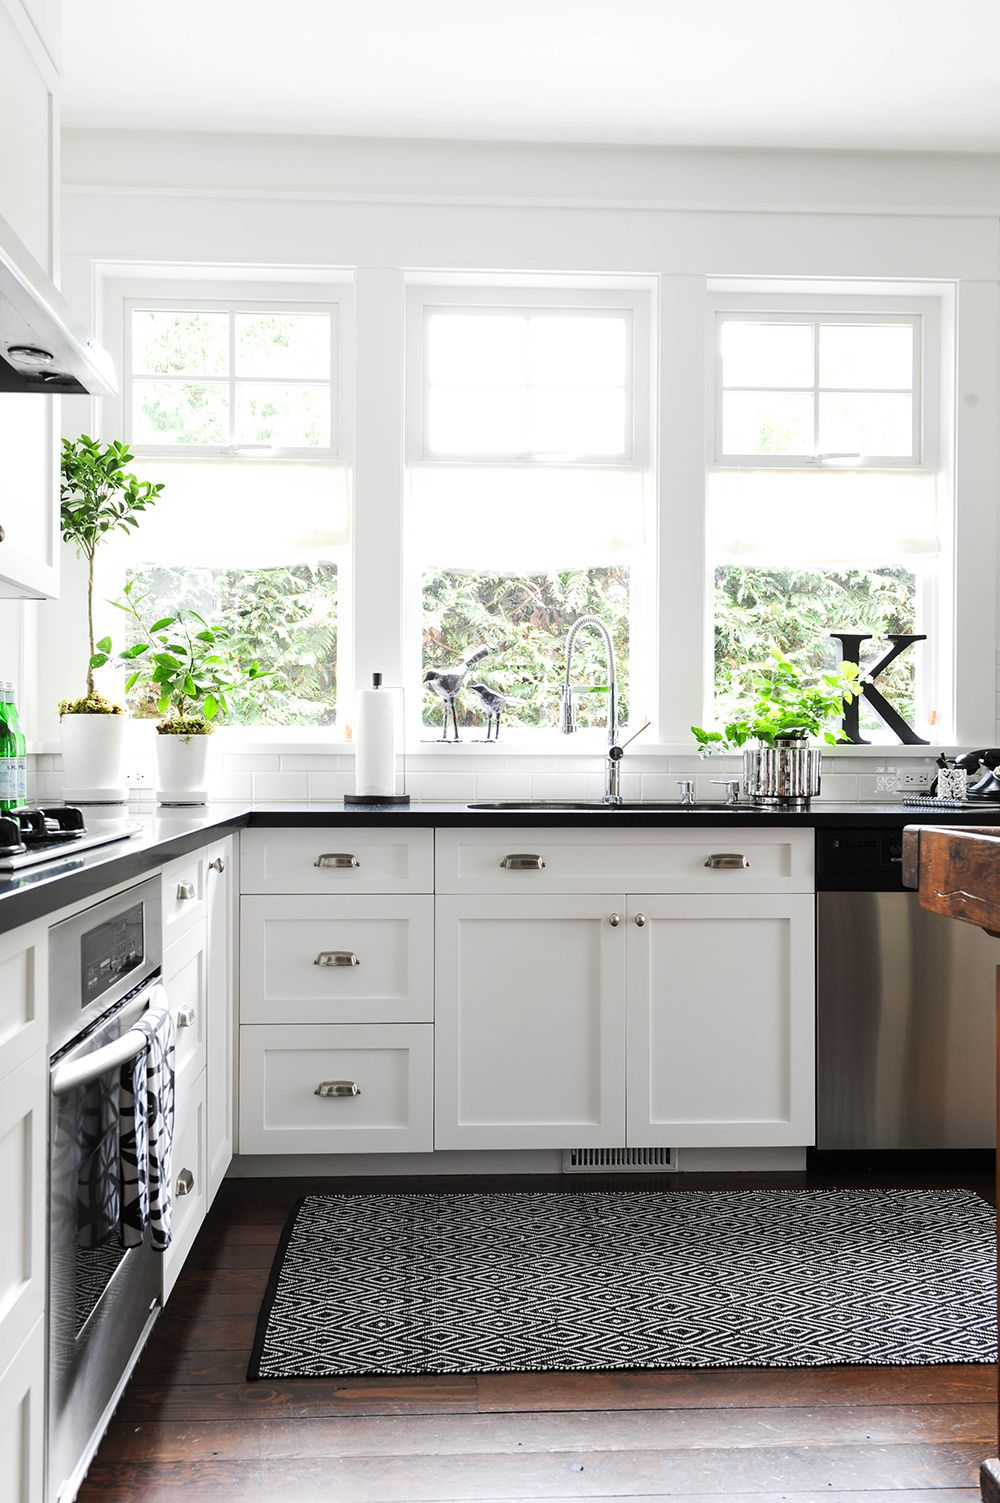 No window kitchen sink  windows over kitchen sink  キッチン  pinterest  sinks kitchens